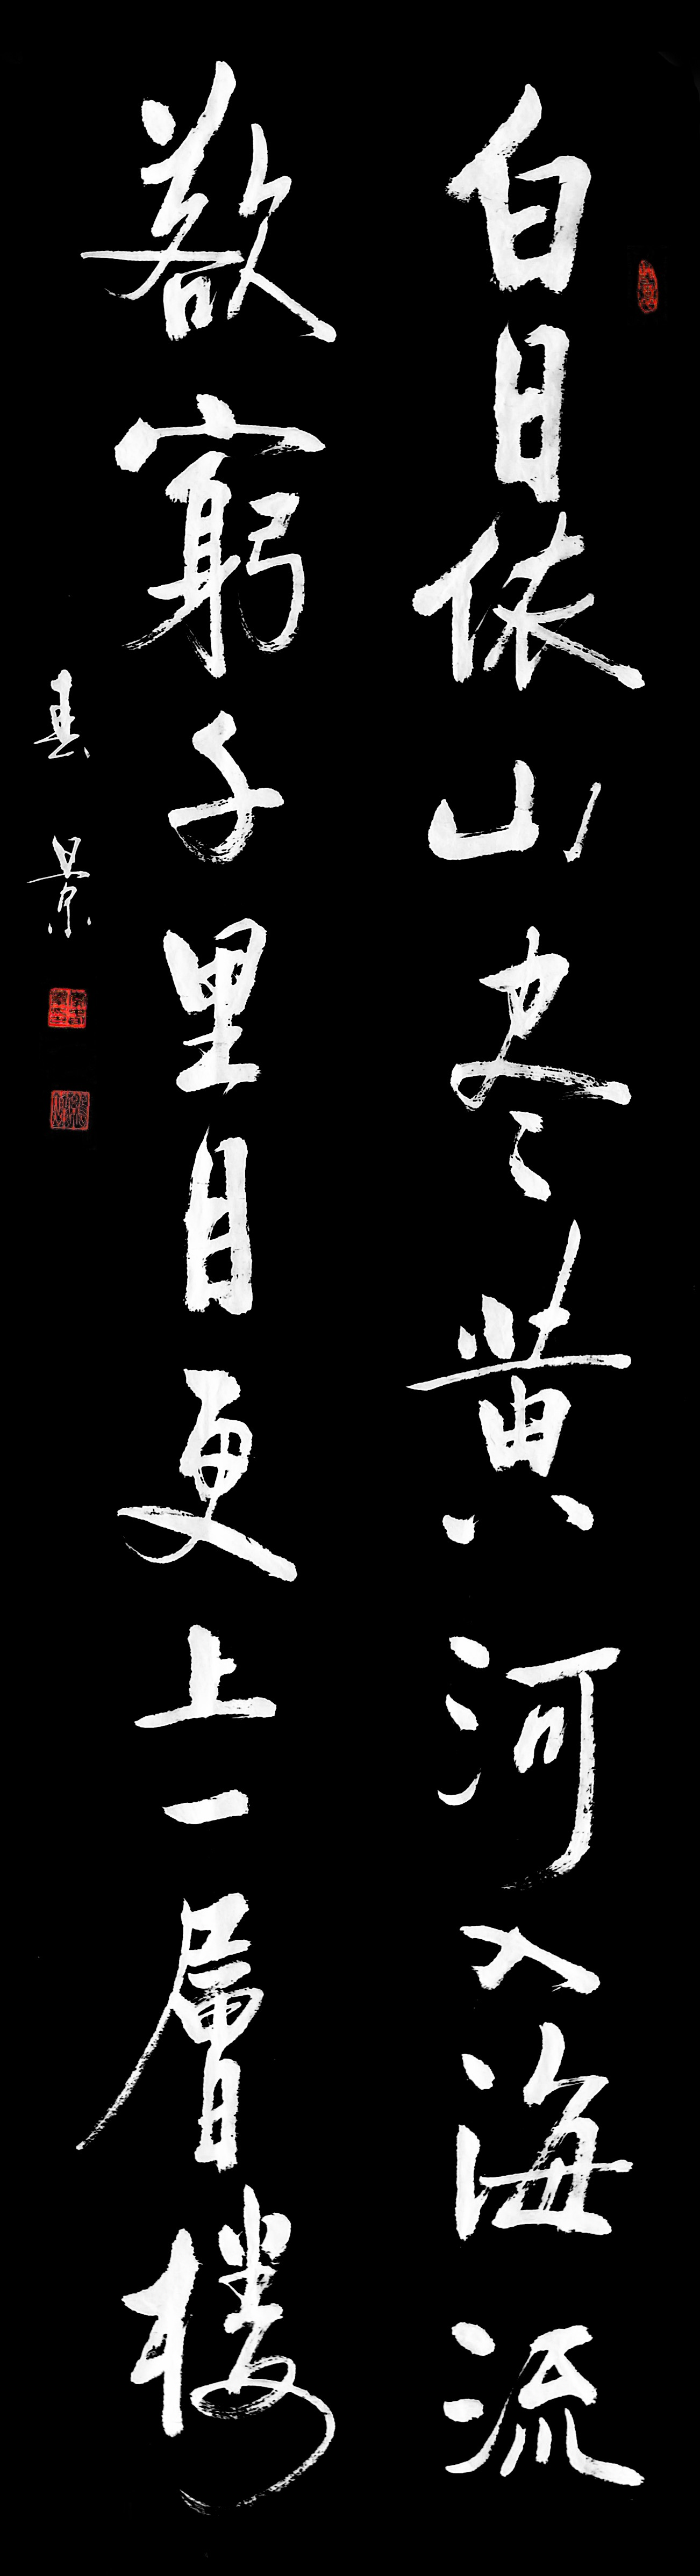 春和景明中国梦墨韵飘香誉神州——记书法家李春景